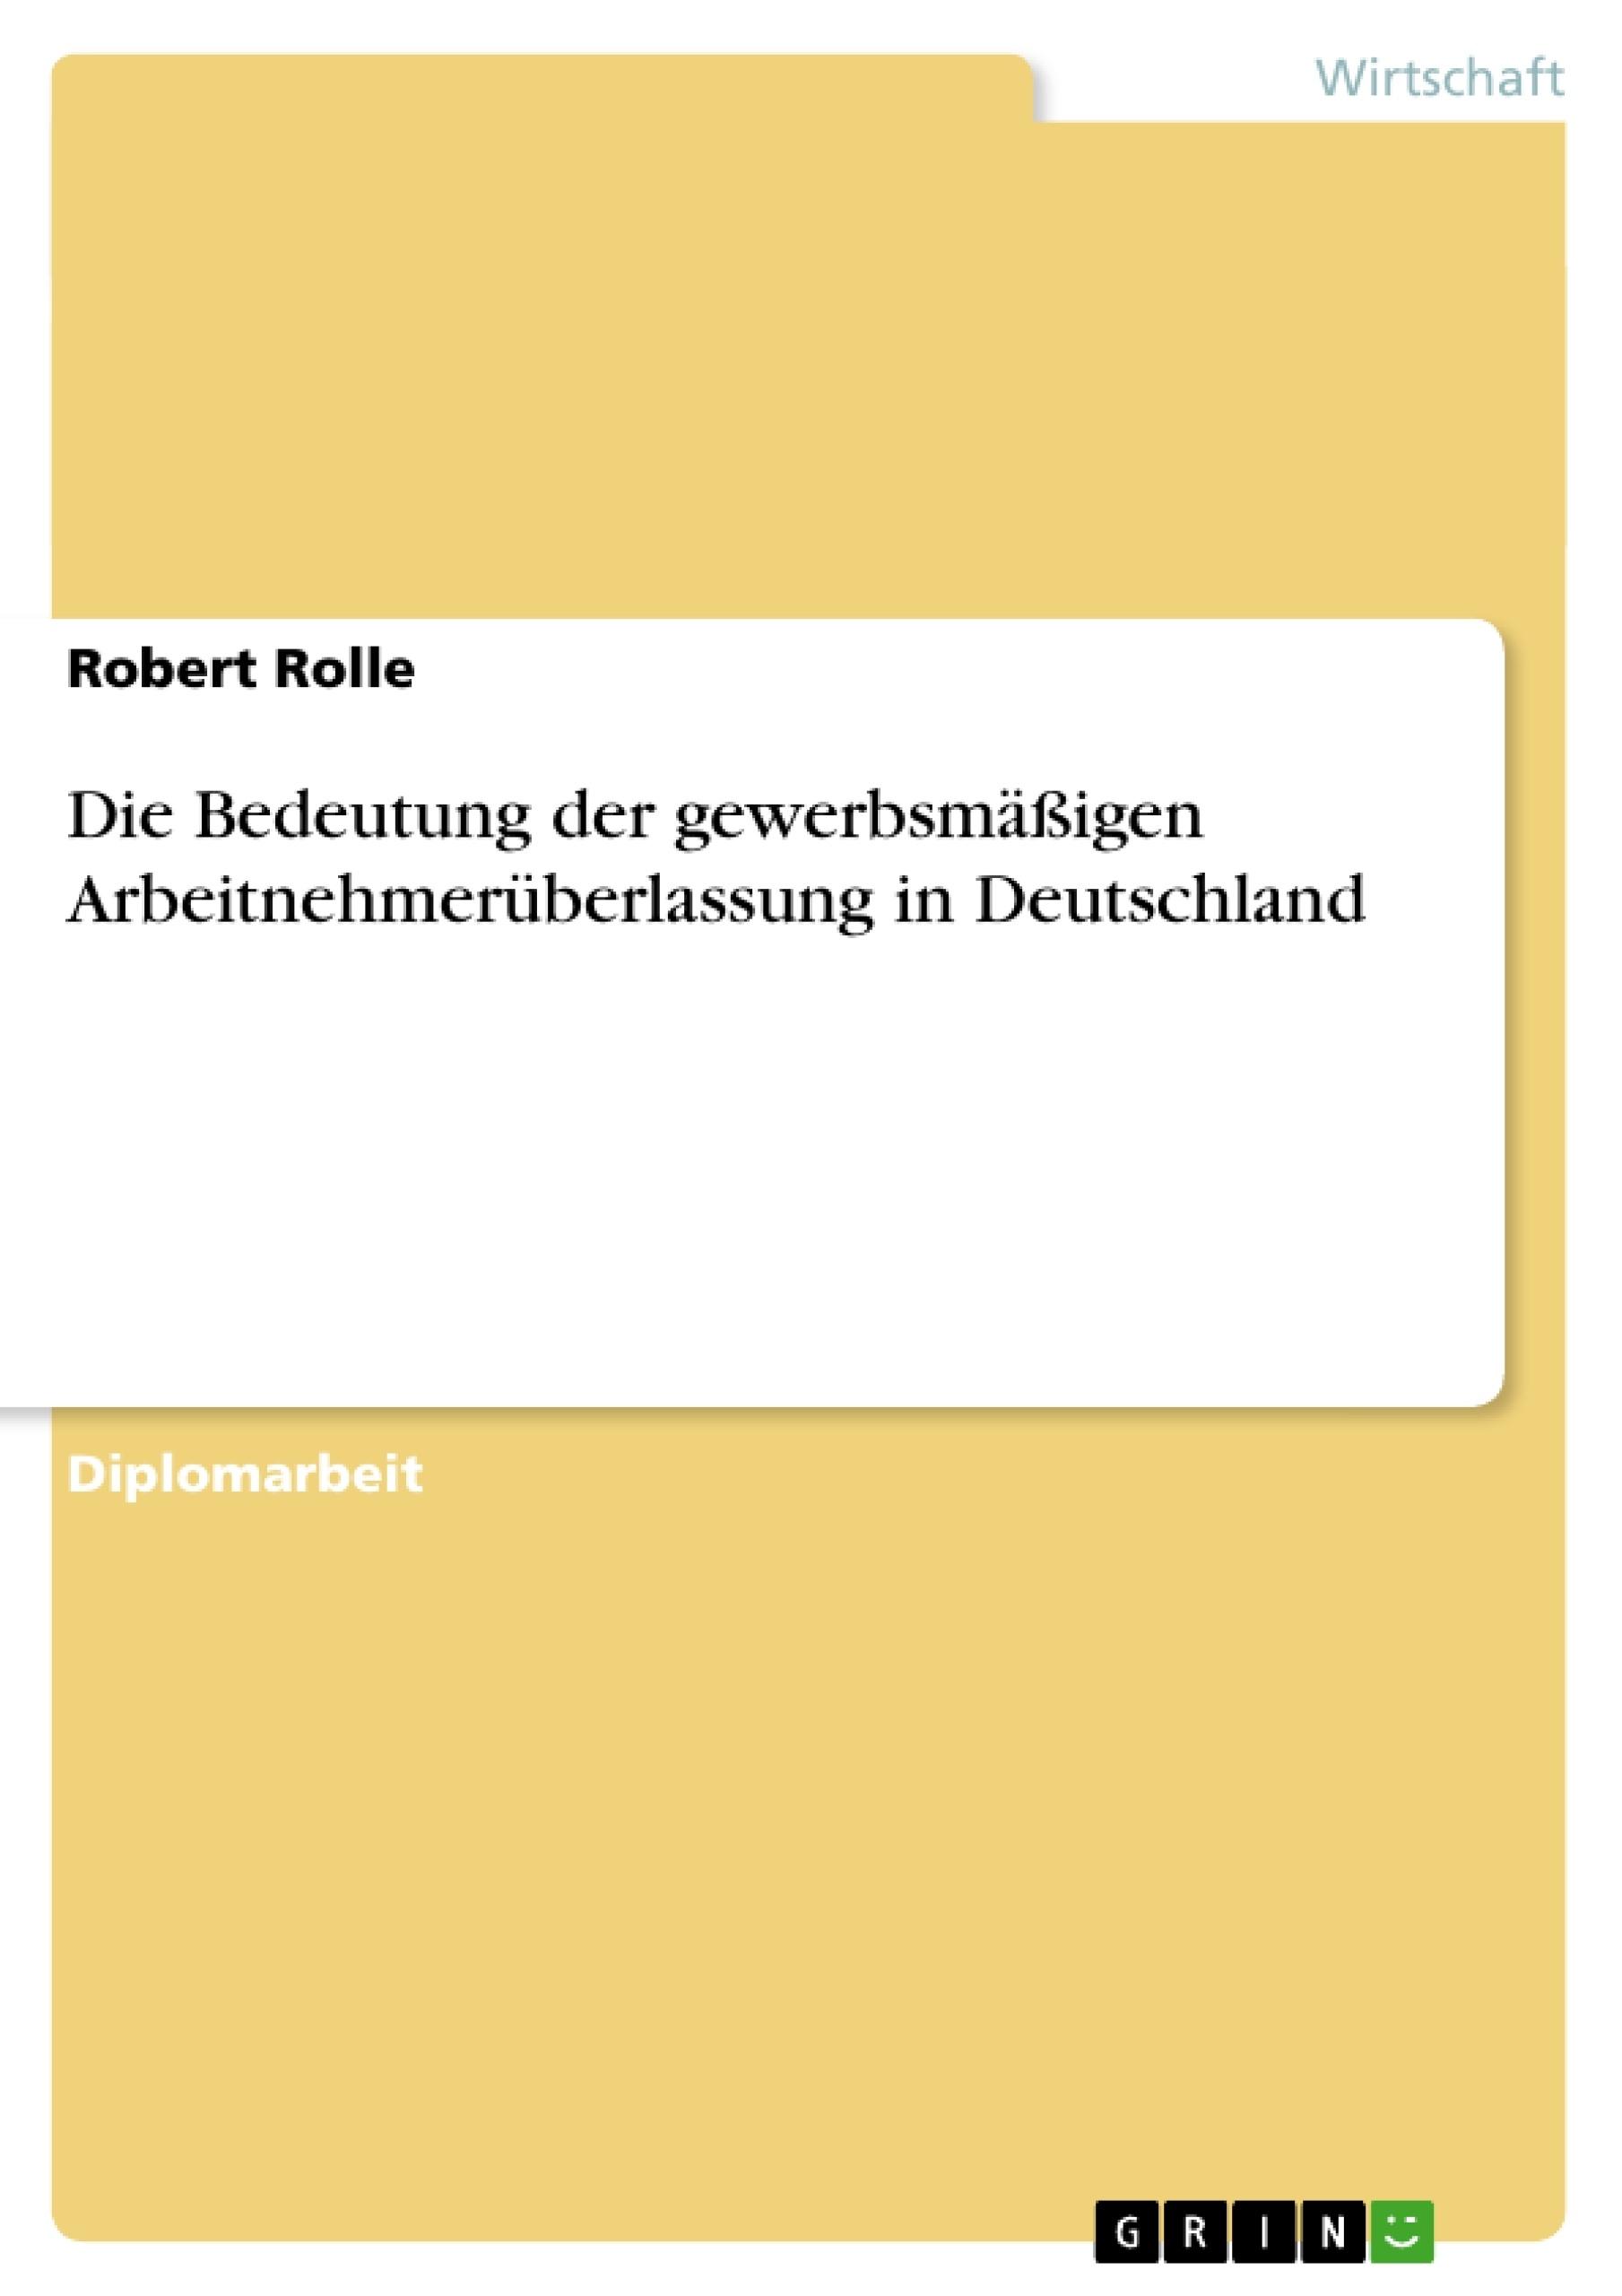 Titel: Die Bedeutung der gewerbsmäßigen Arbeitnehmerüberlassung in Deutschland